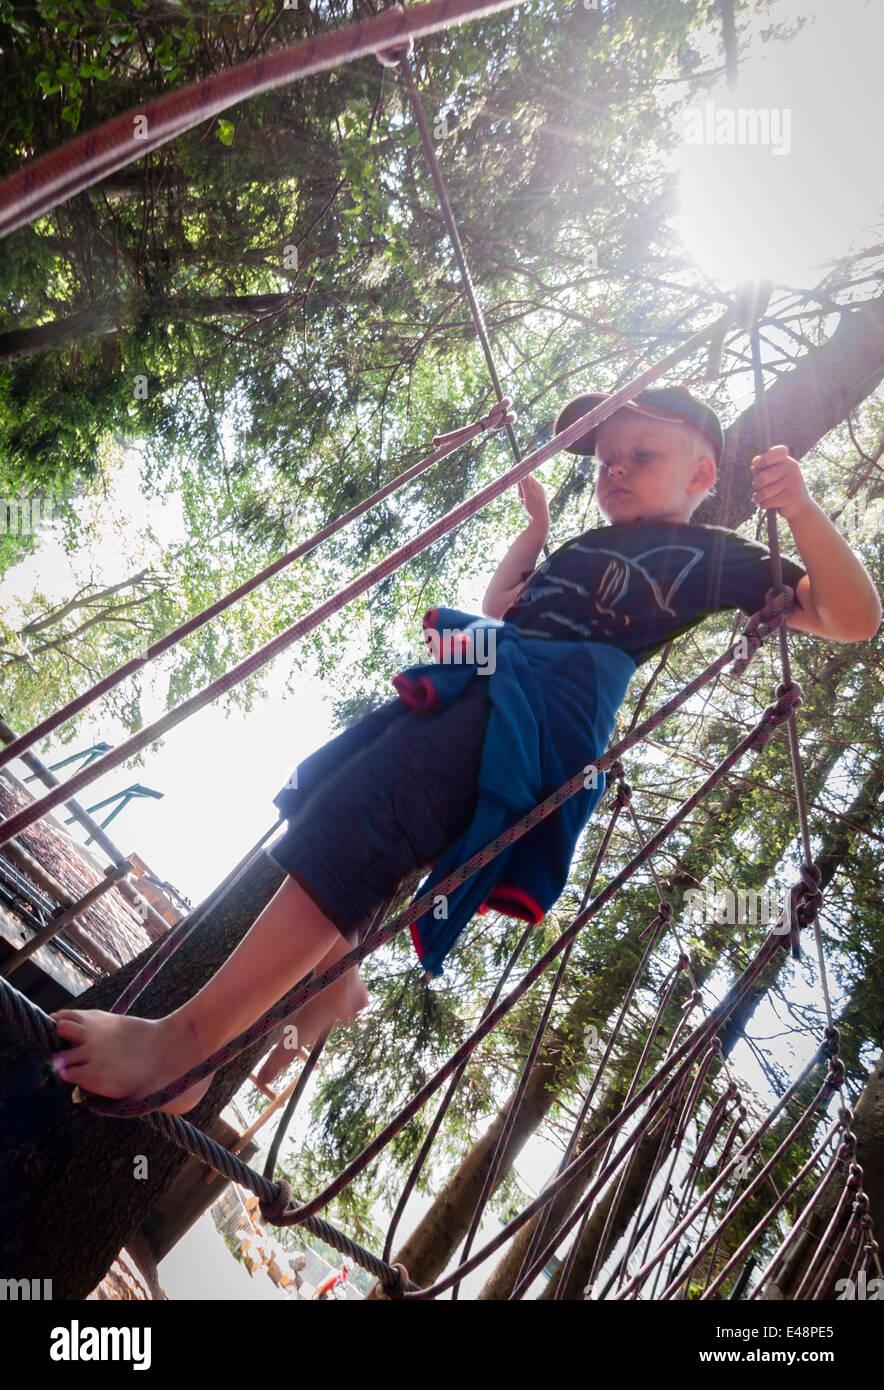 Junge balancieren barfuß auf Seil Seil Klettergerüst Stockfoto, Bild ...